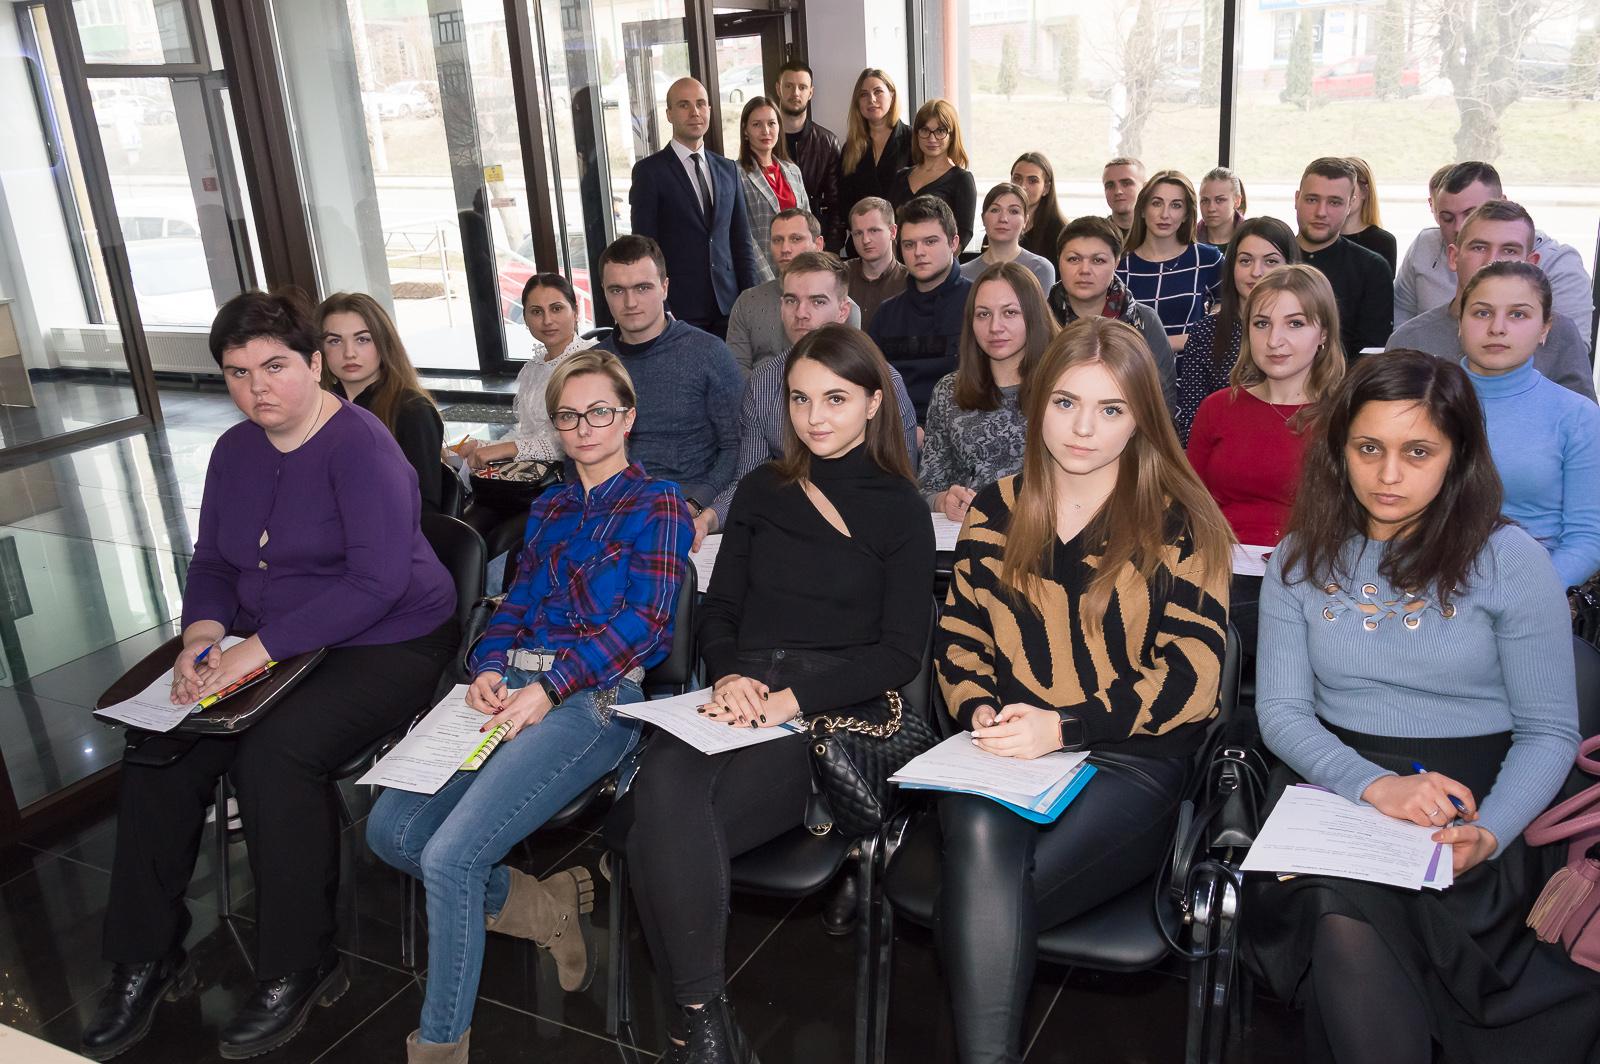 """Лекцію """"Фінансові ринки та основи біржових технологій"""" в Чернівцях відвідали студенти та викладачі МАУП - 3 фото"""